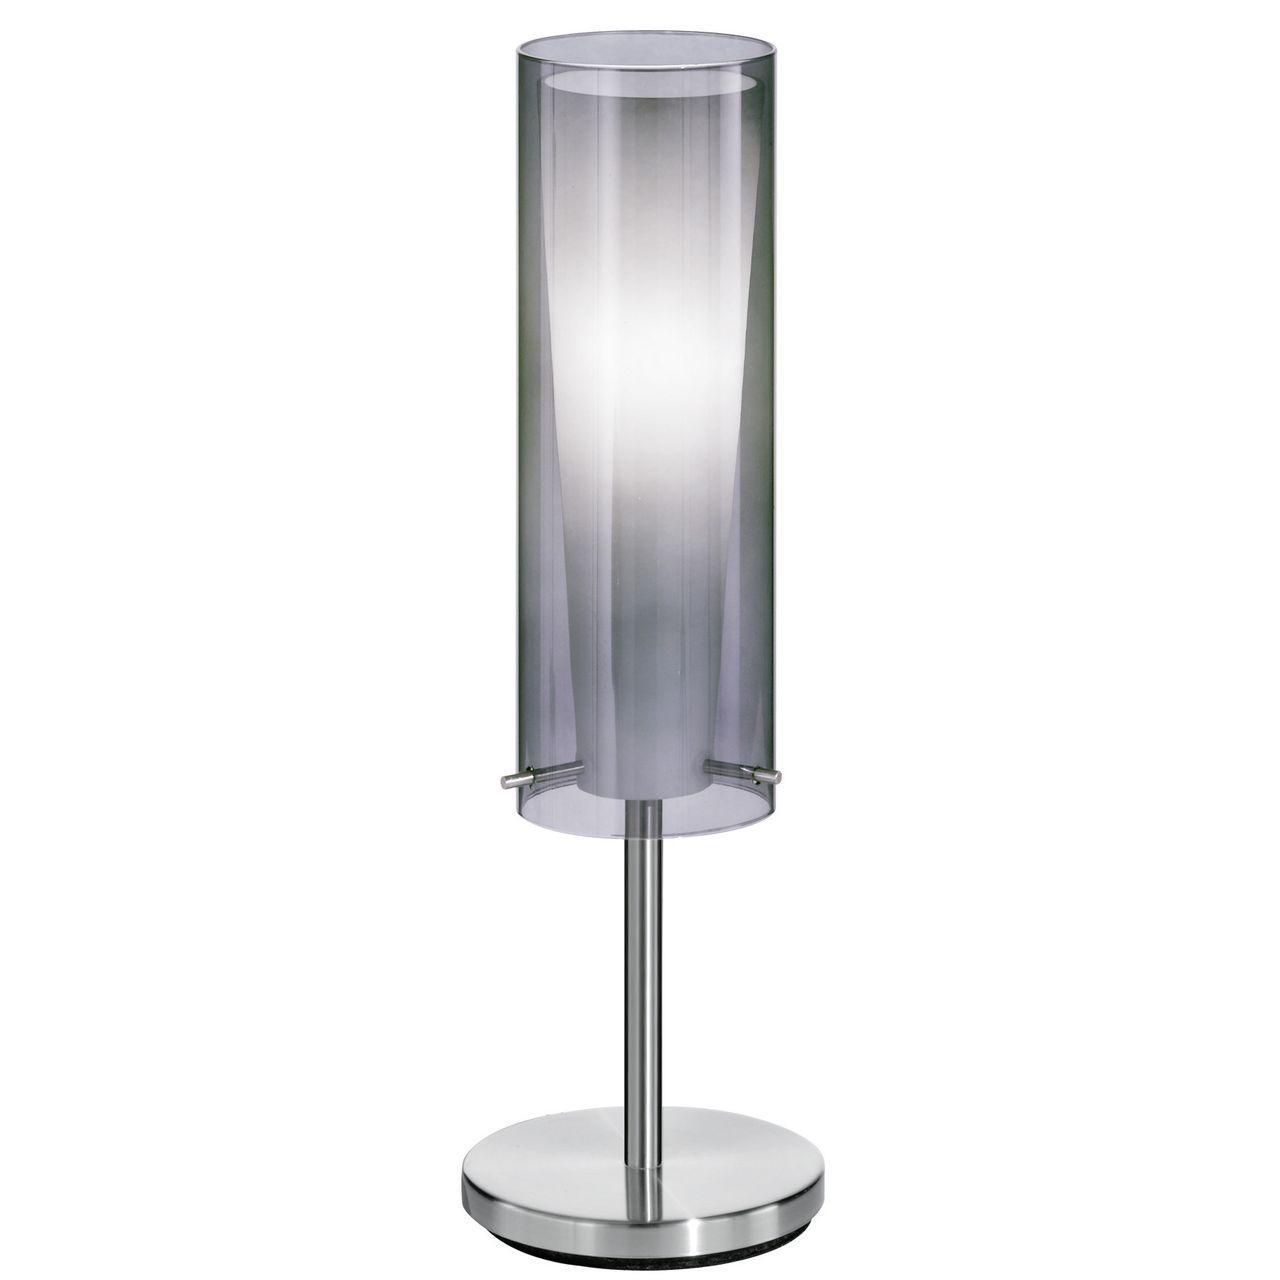 Настольная лампа Eglo Pinto Nero 90308 настольная лампа eglo pinto 89835 page 10